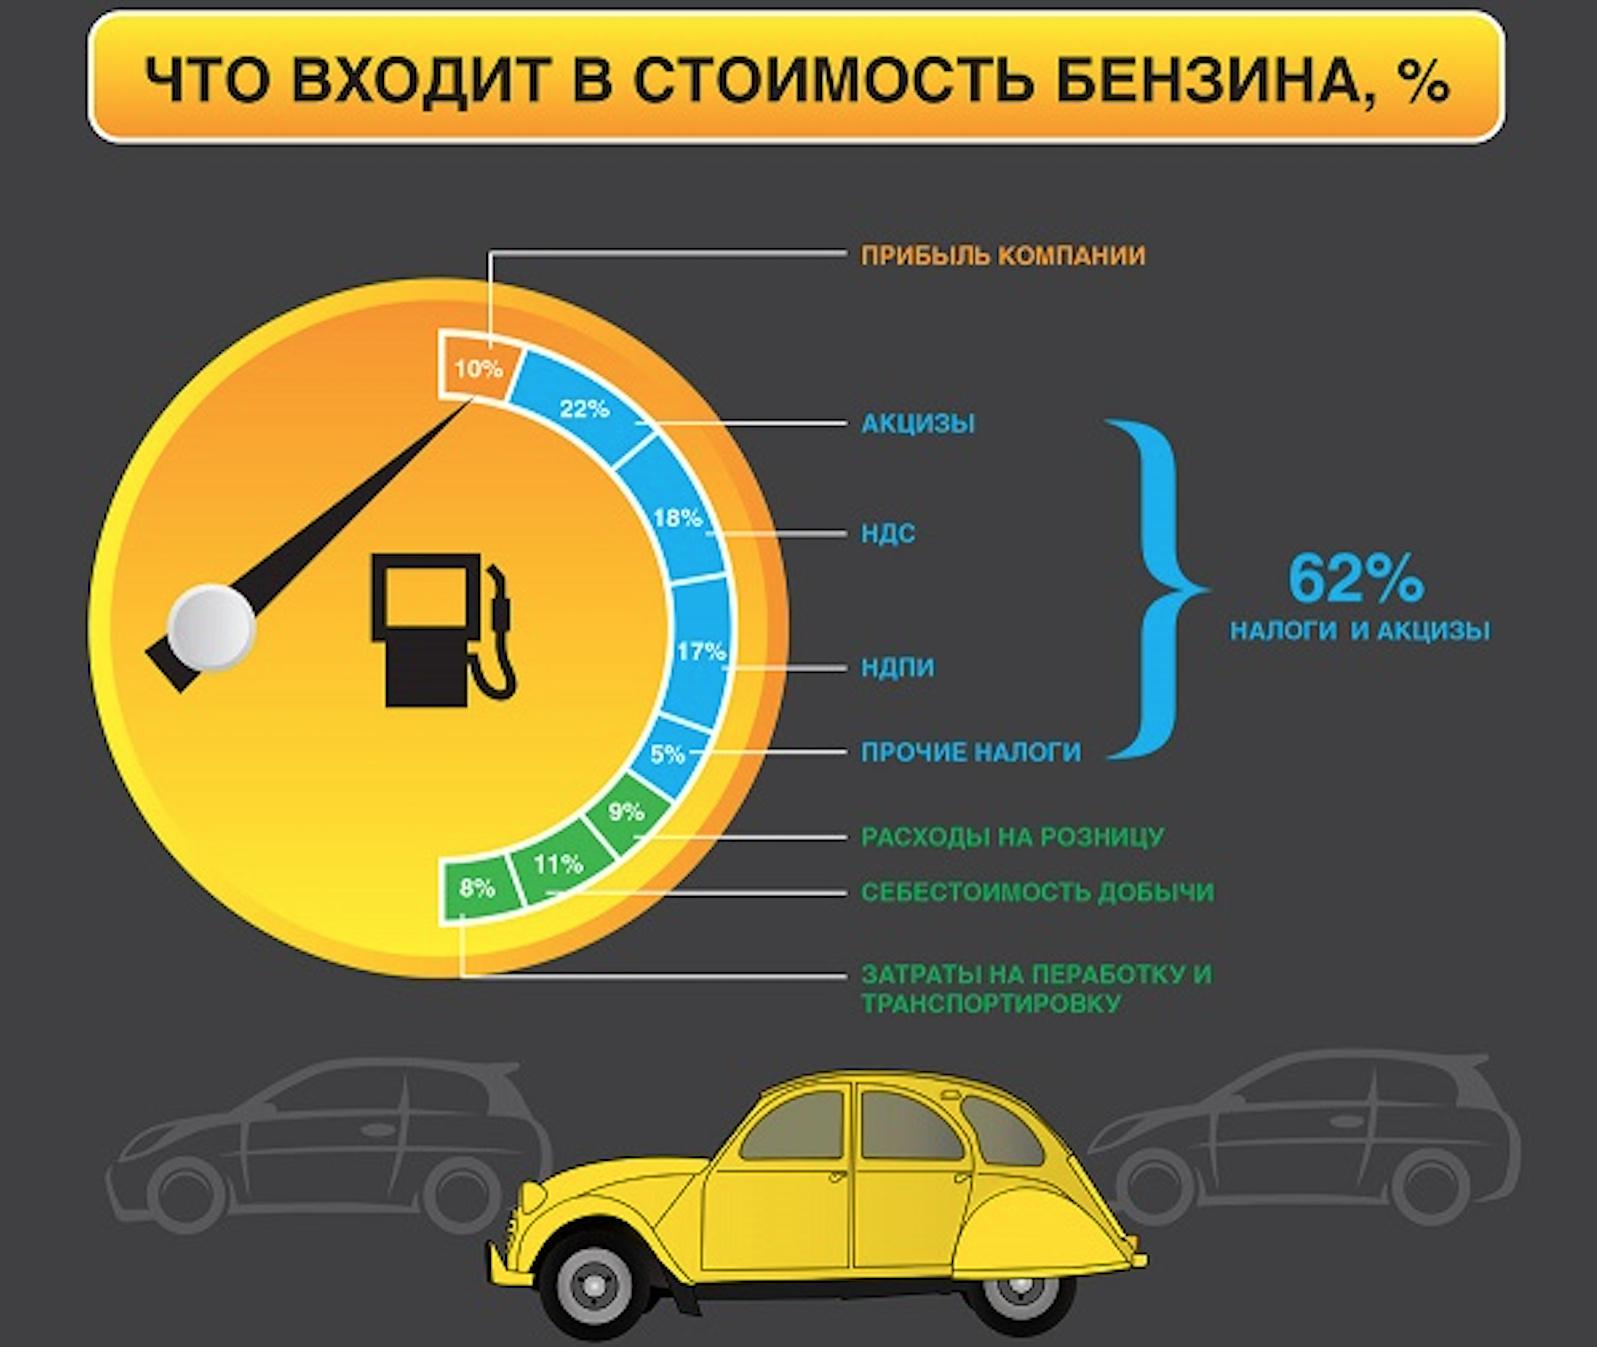 Как складывается цена на бензин в России